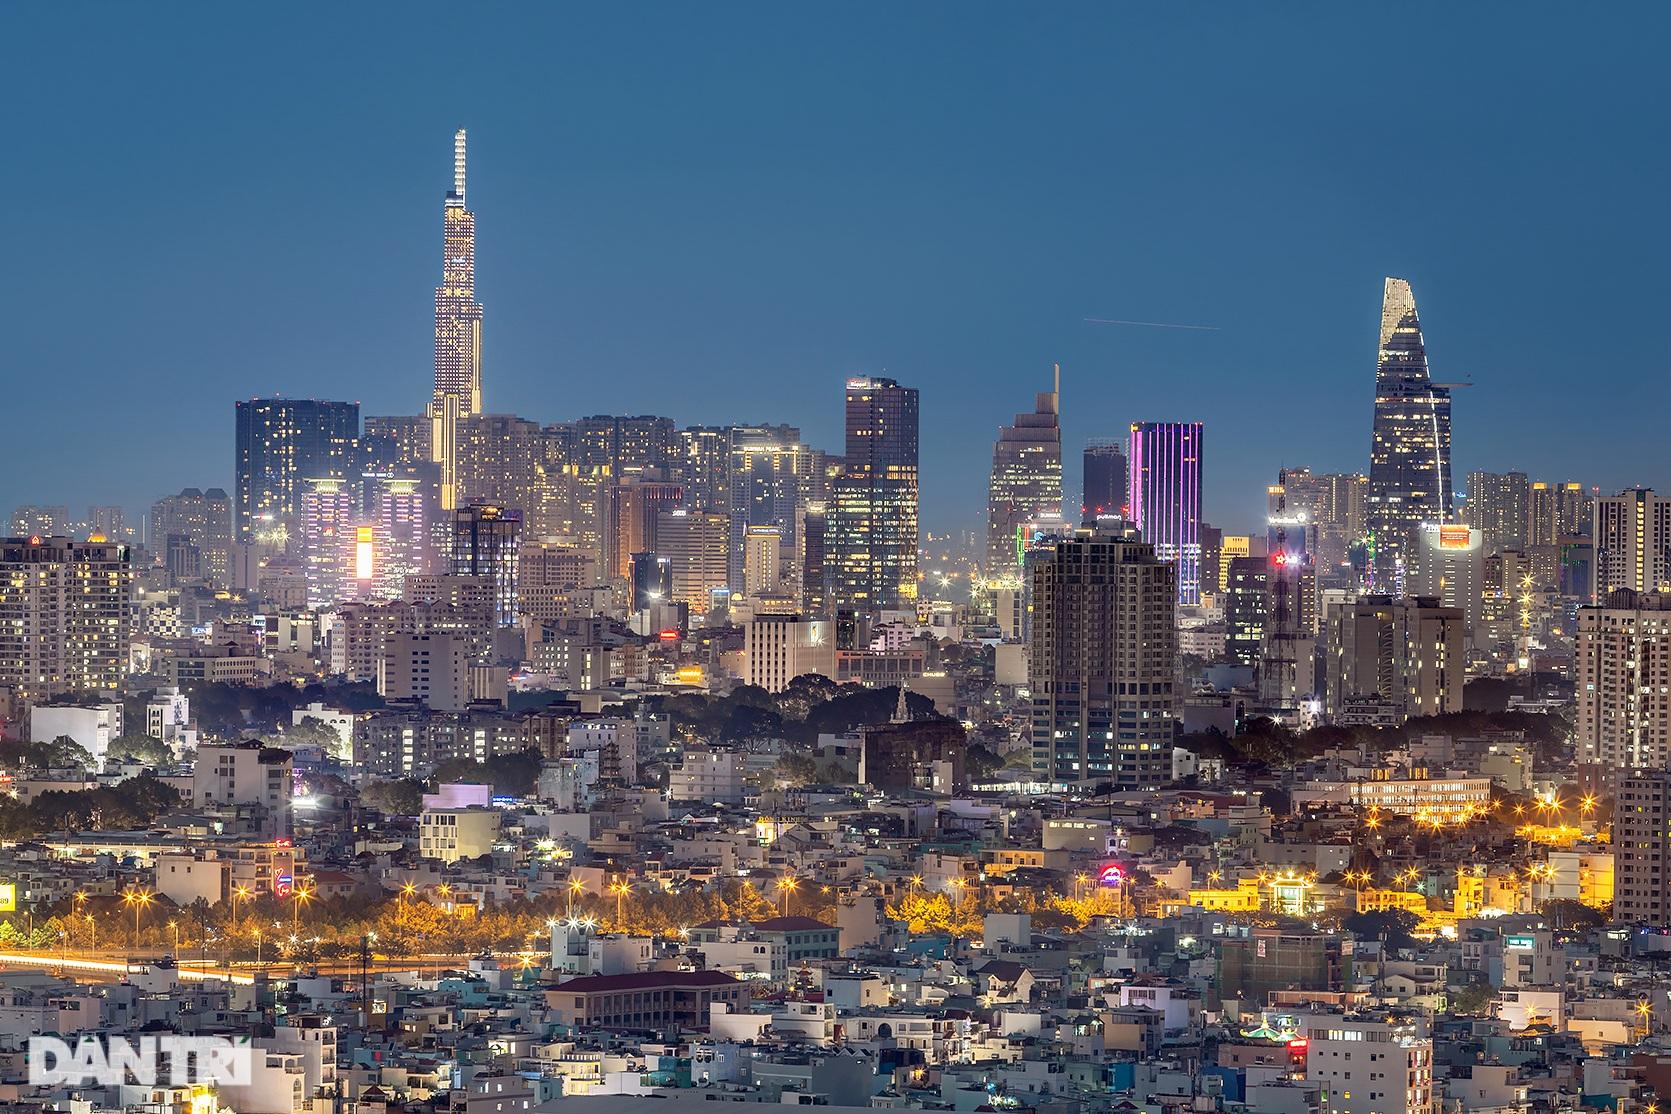 Thành phố Hồ Chí Minh - Vẻ đẹp của một Siêu đô thị hiện đại - 16